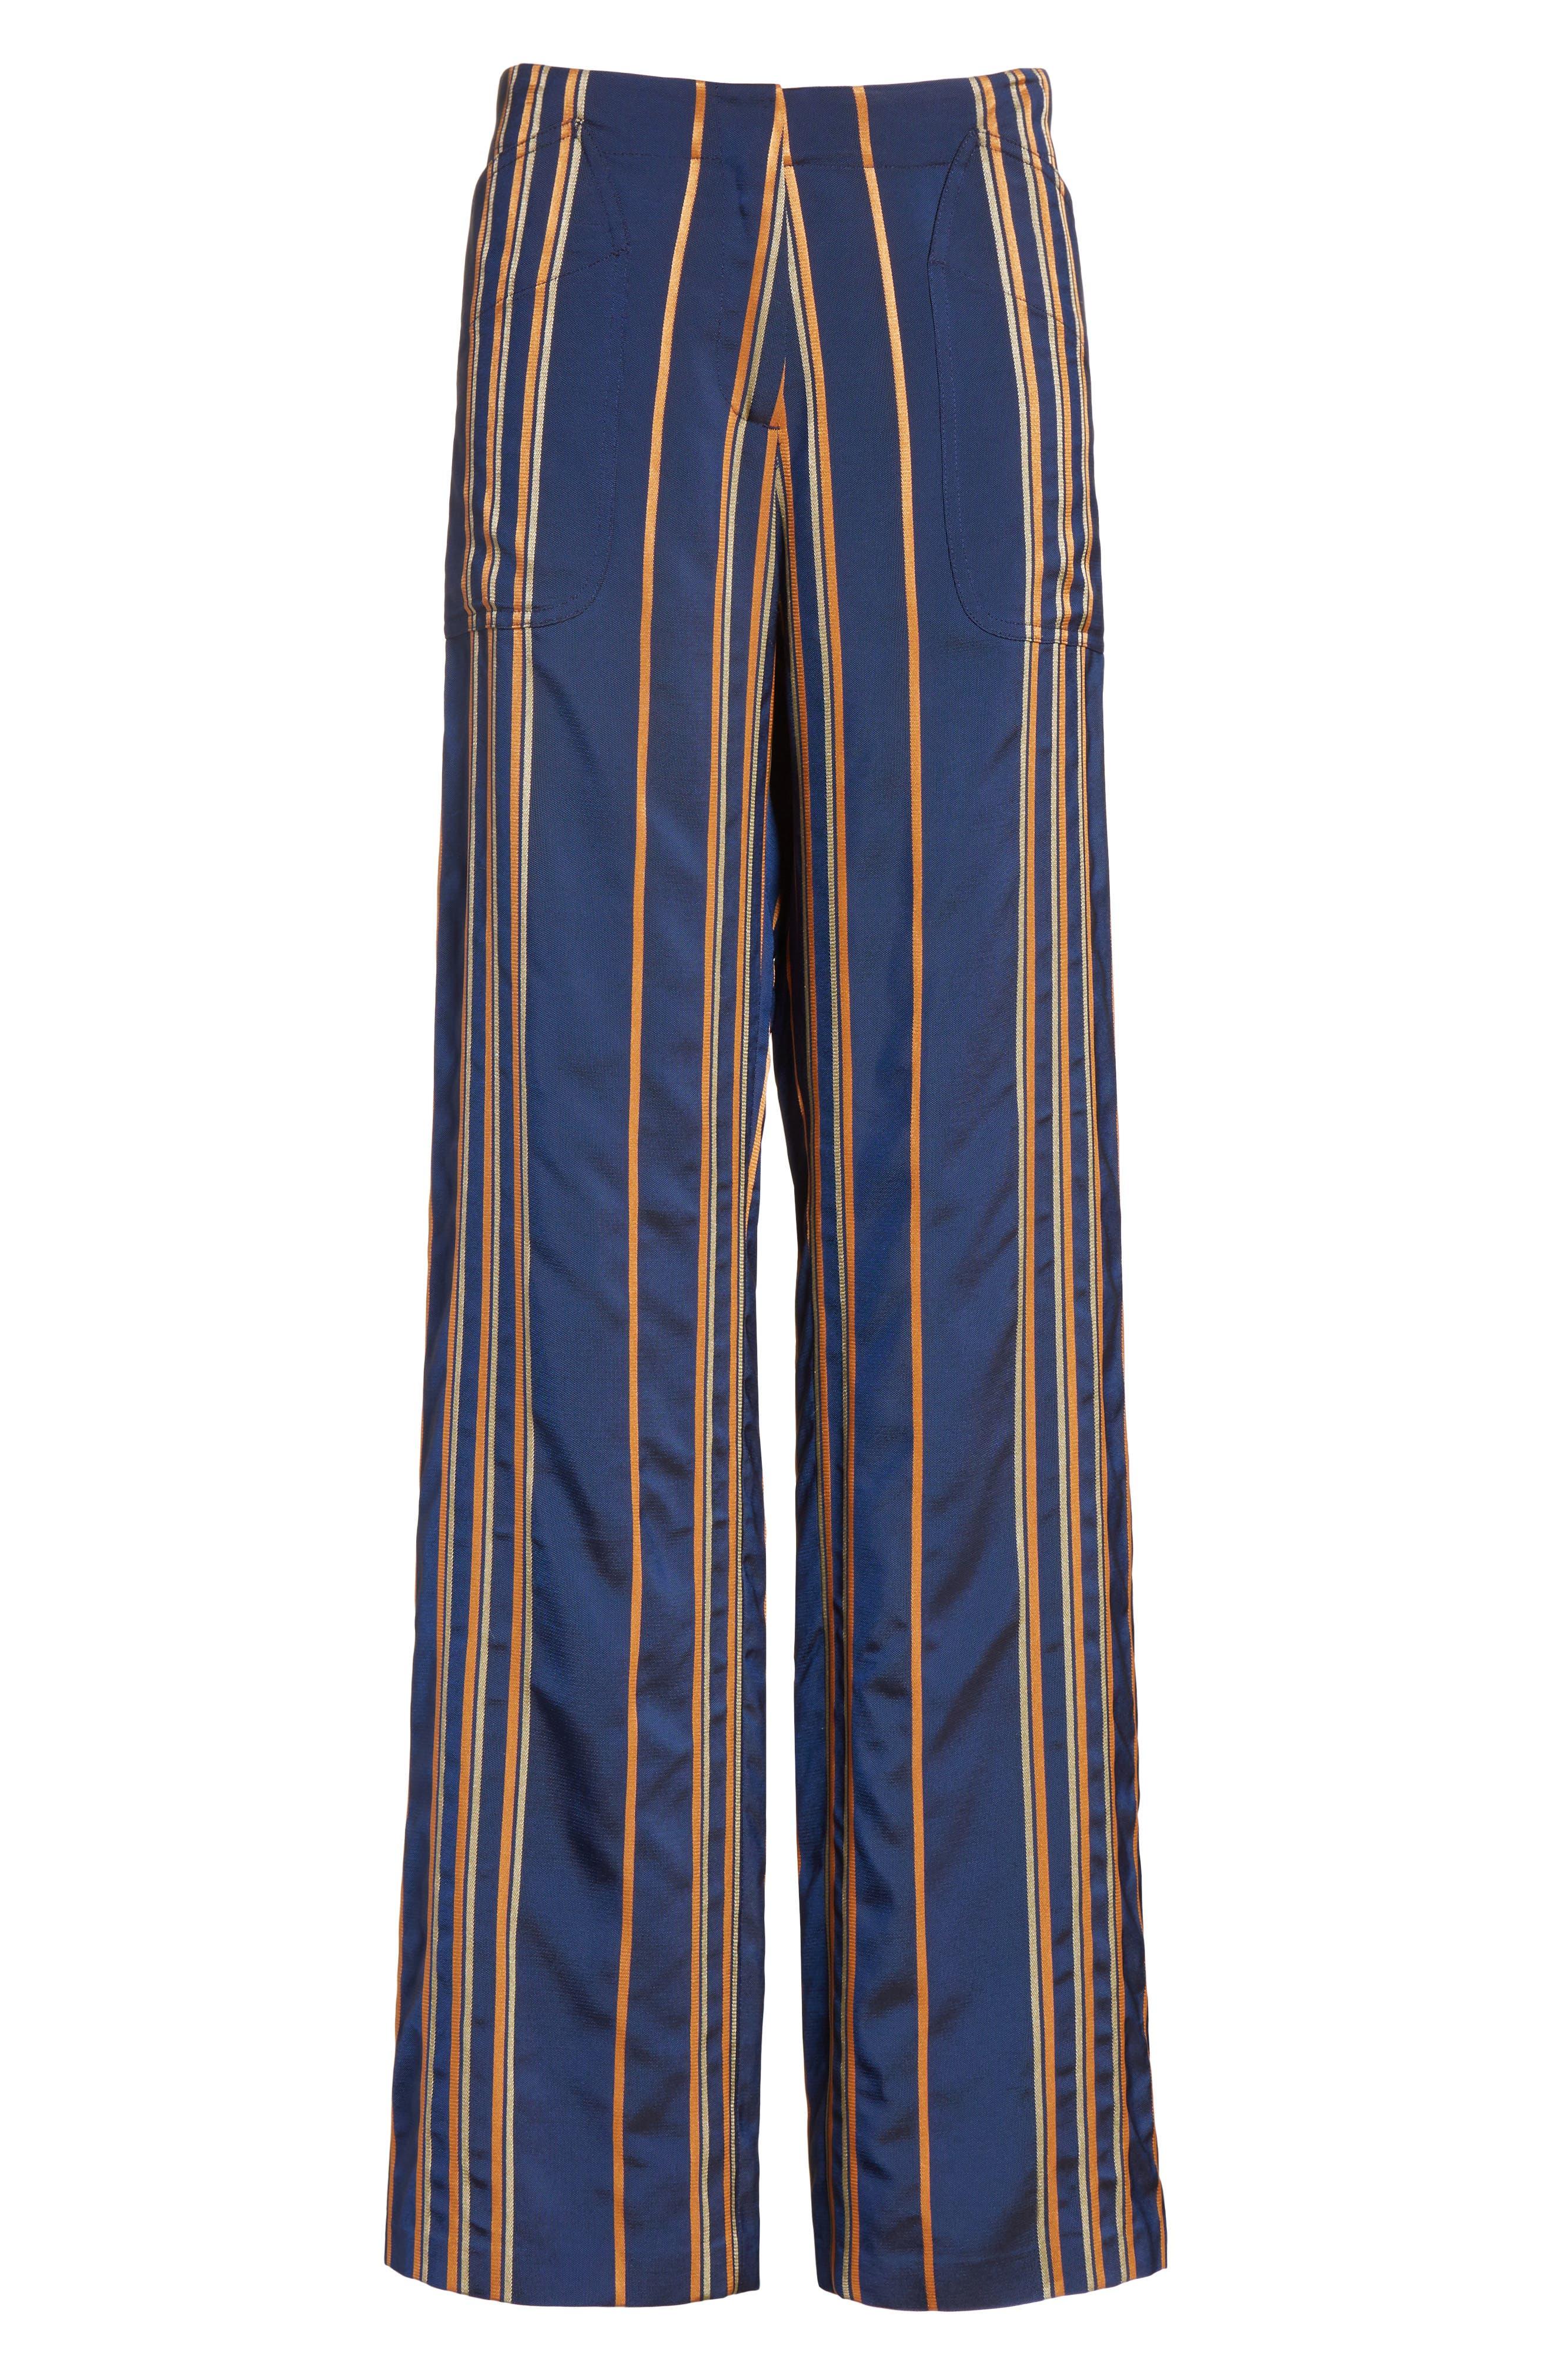 Stripe Pants,                             Alternate thumbnail 8, color,                             Mykonos/Papaya